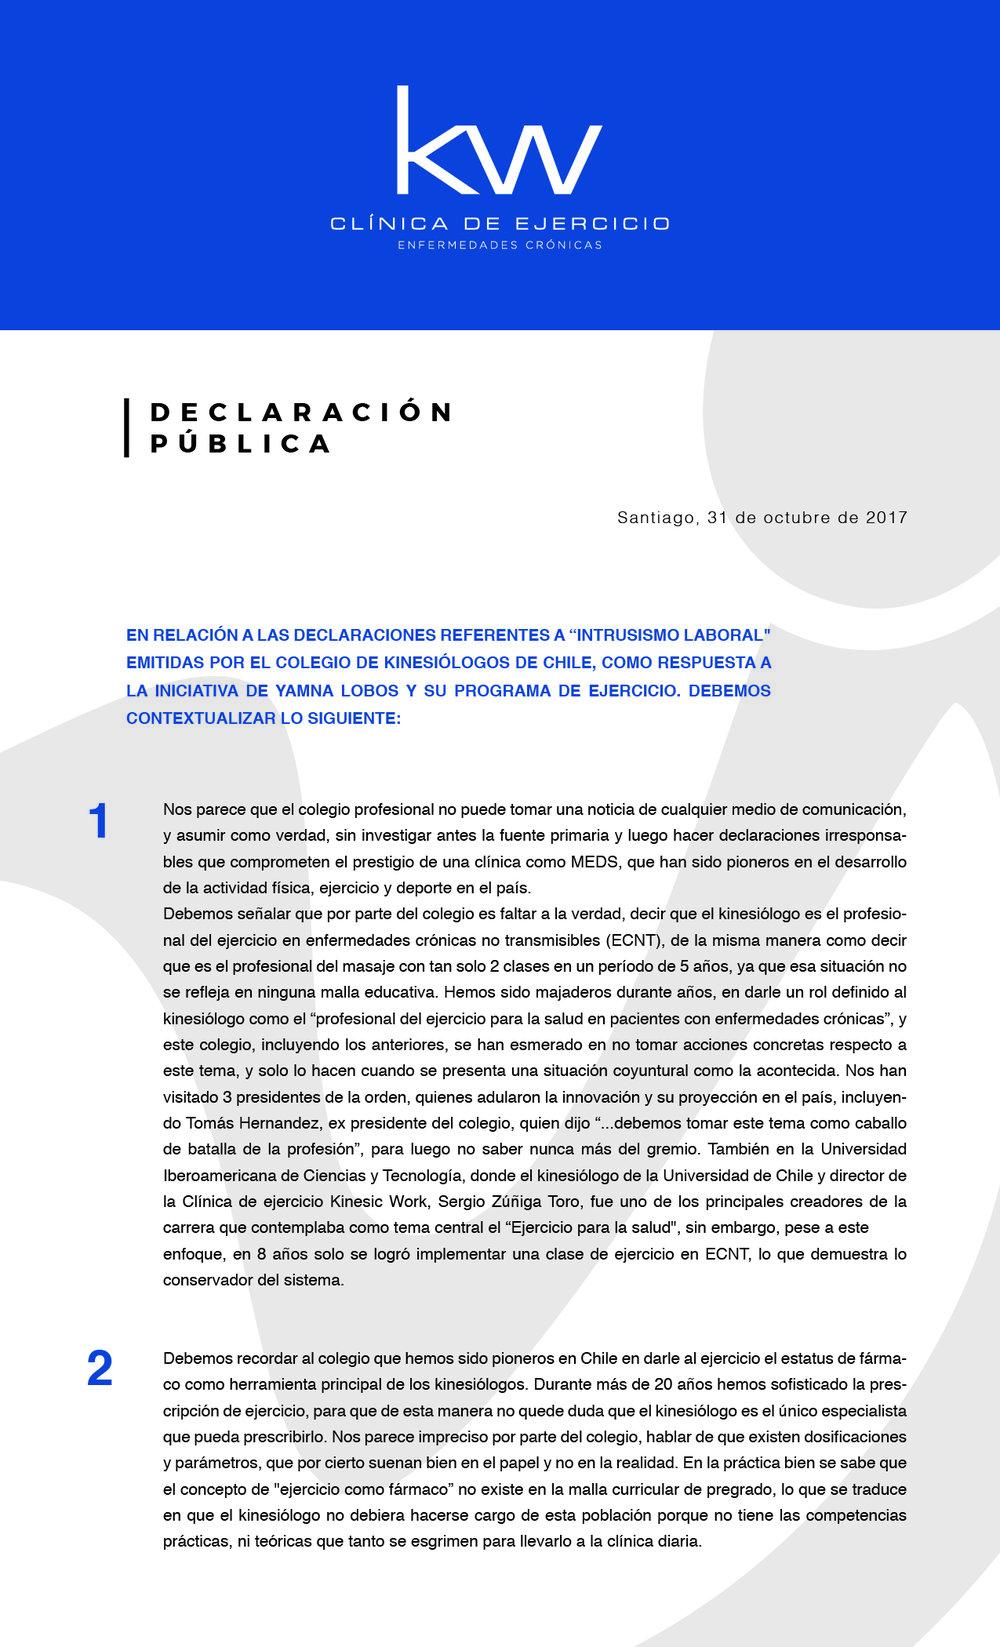 Carta Abierta en respuesta a Colkine-01.jpg